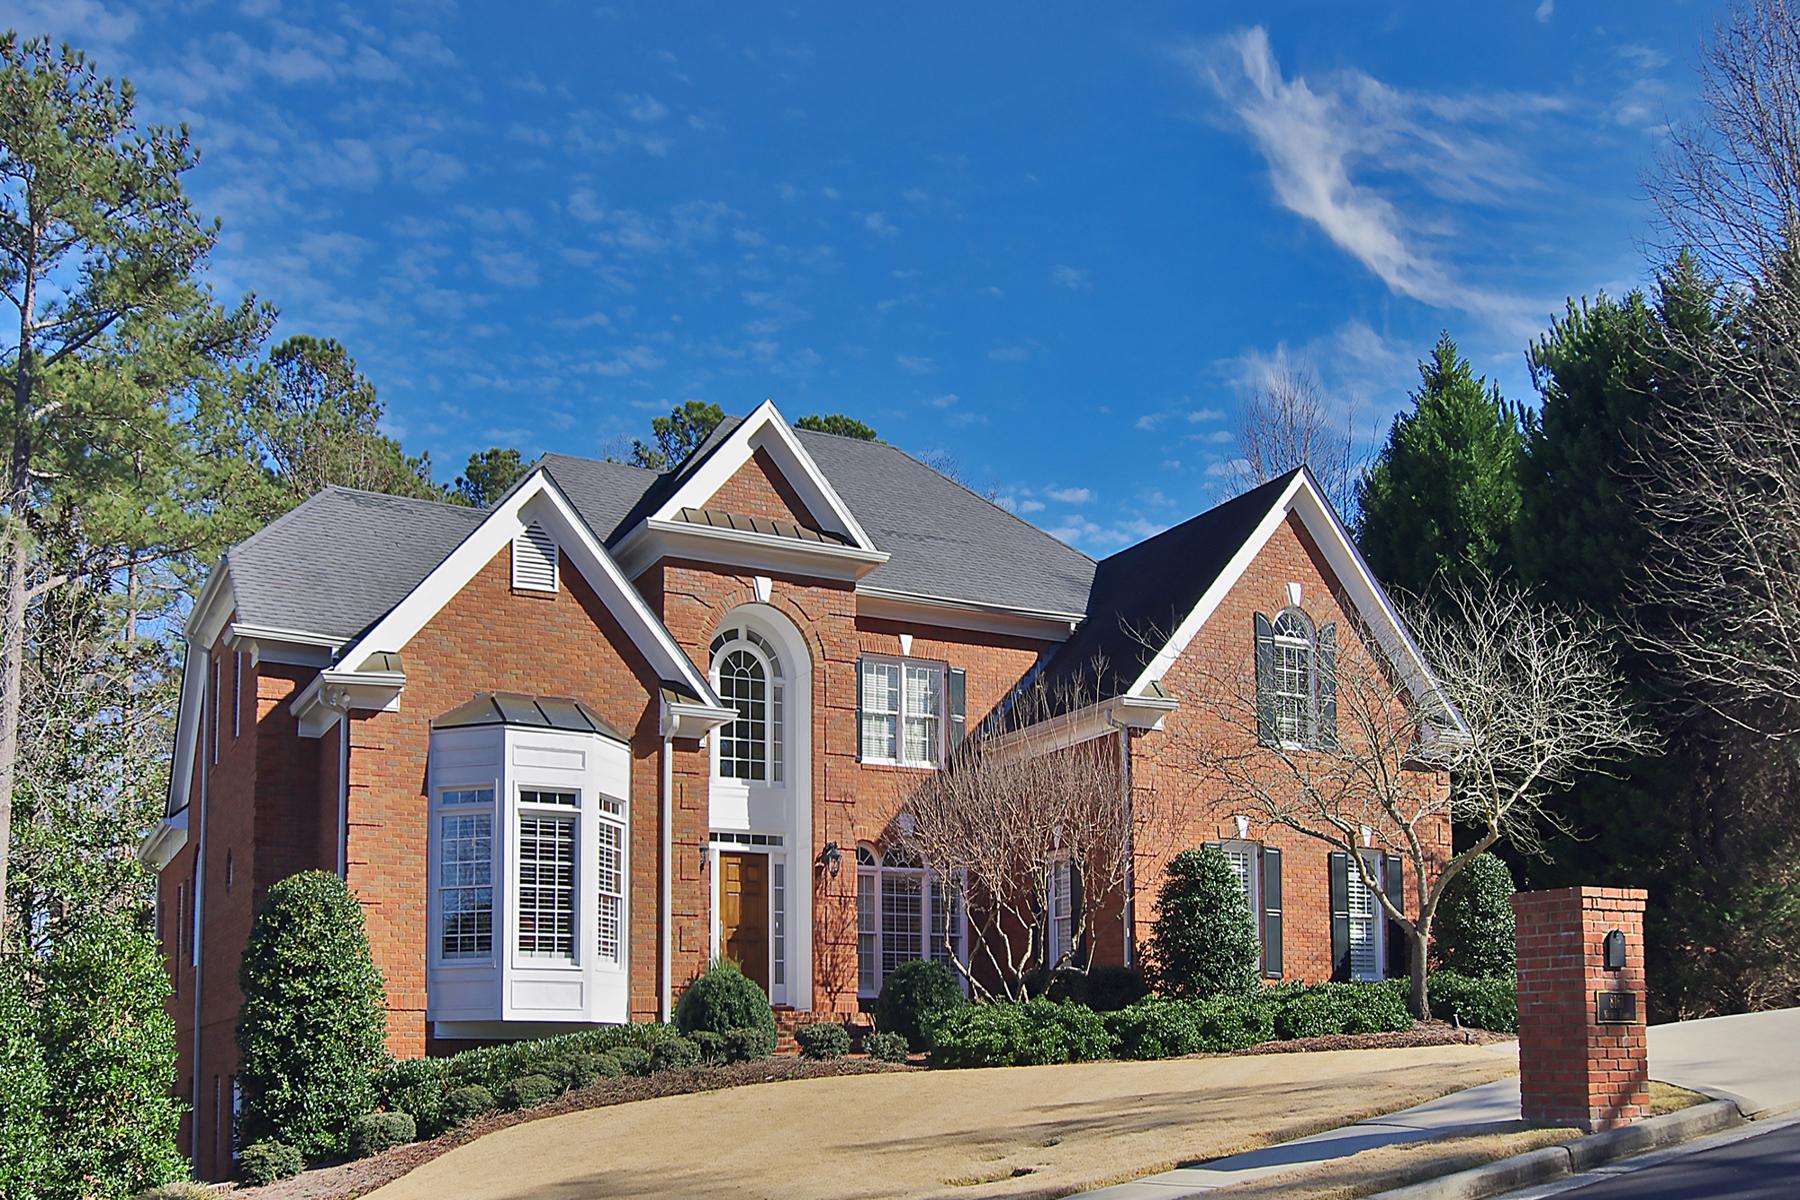 Maison unifamiliale pour l Vente à Custom Executive Home In Secure Gated Community 8161 Nesbit Ferry Road Atlanta, Georgia 30350 États-Unis